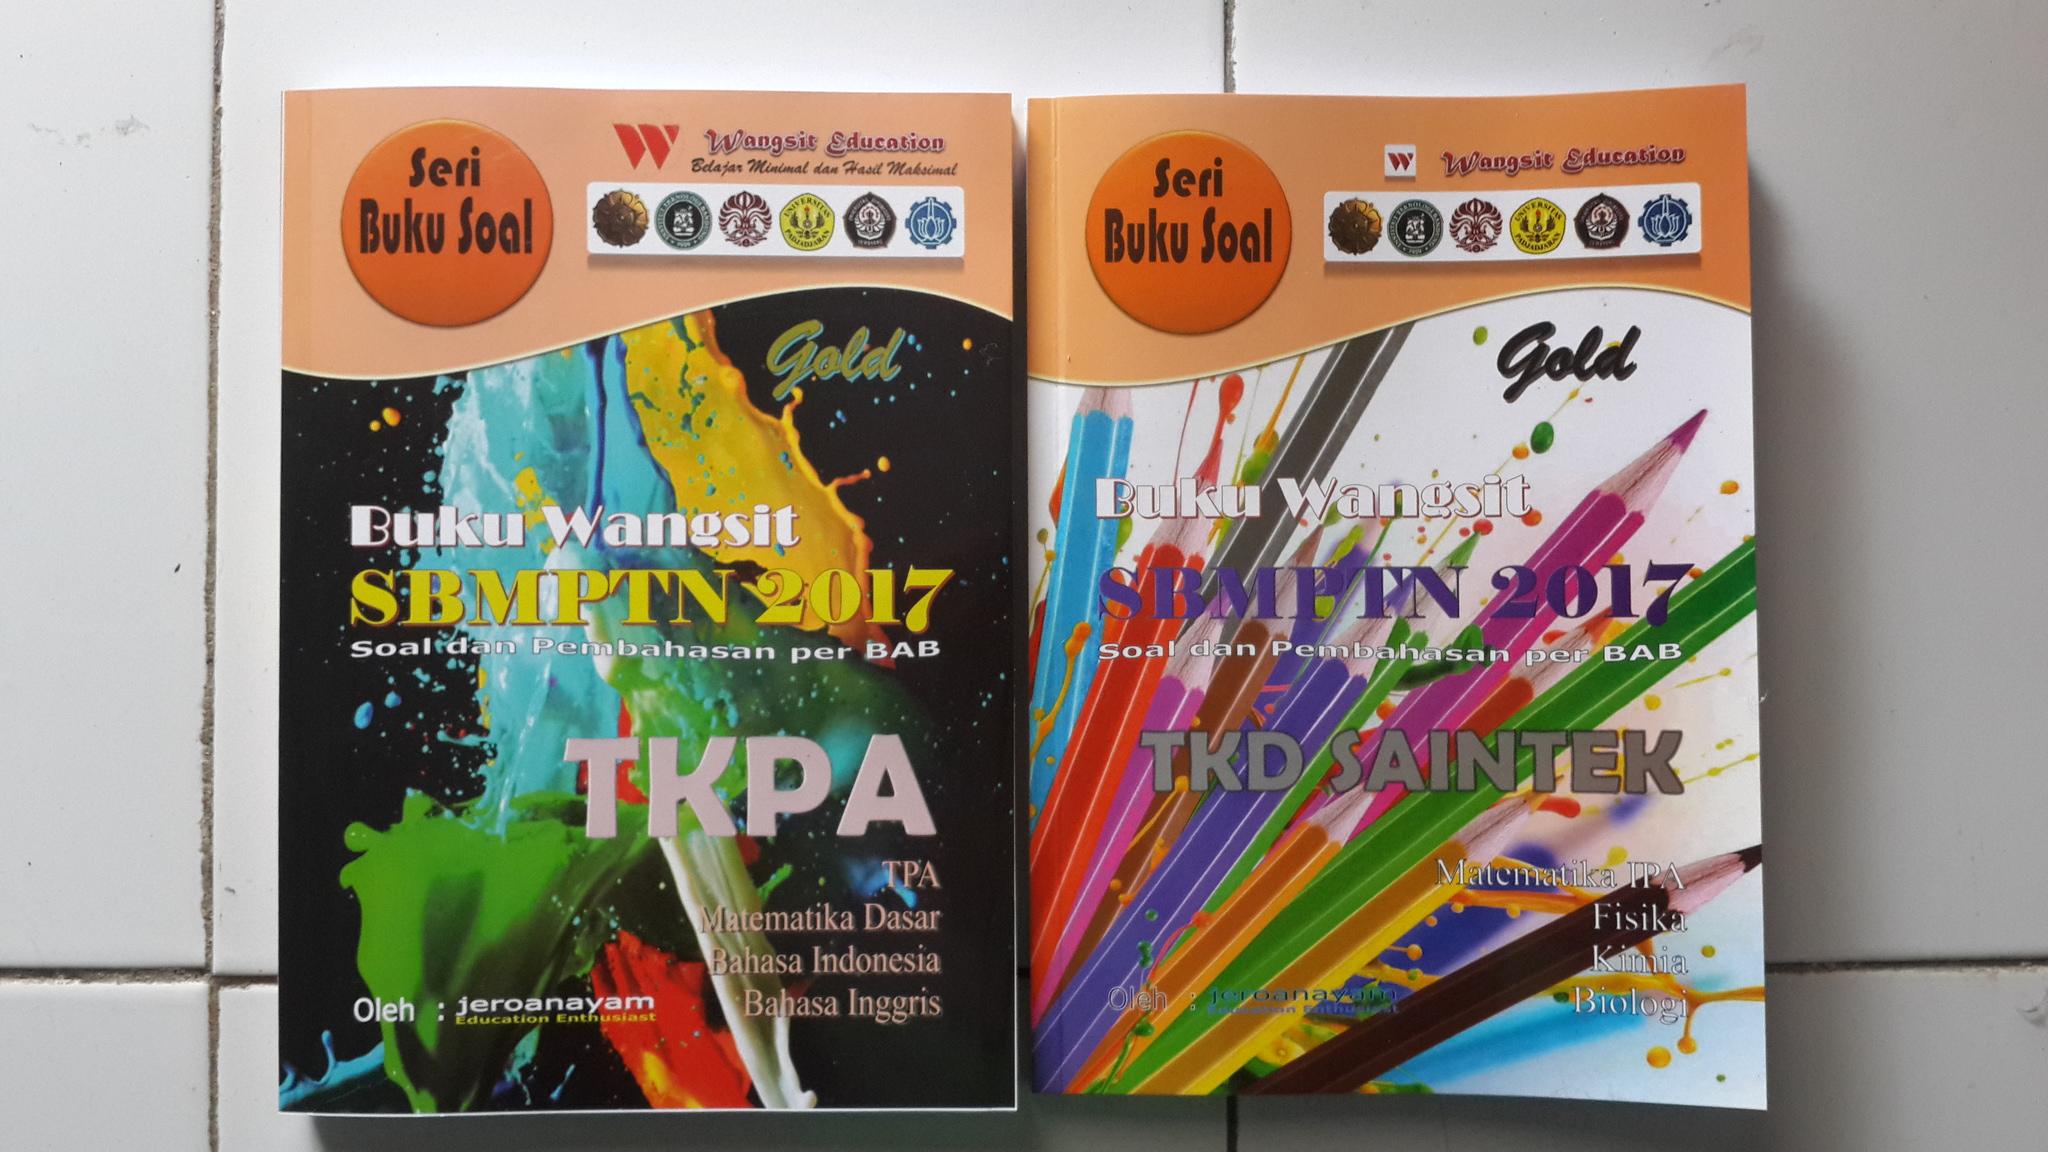 Jual Buku Wangsit Sbmptn 2017 Tkpa Saintek Gold Buku Wangsit Sbmptn Tokopedia